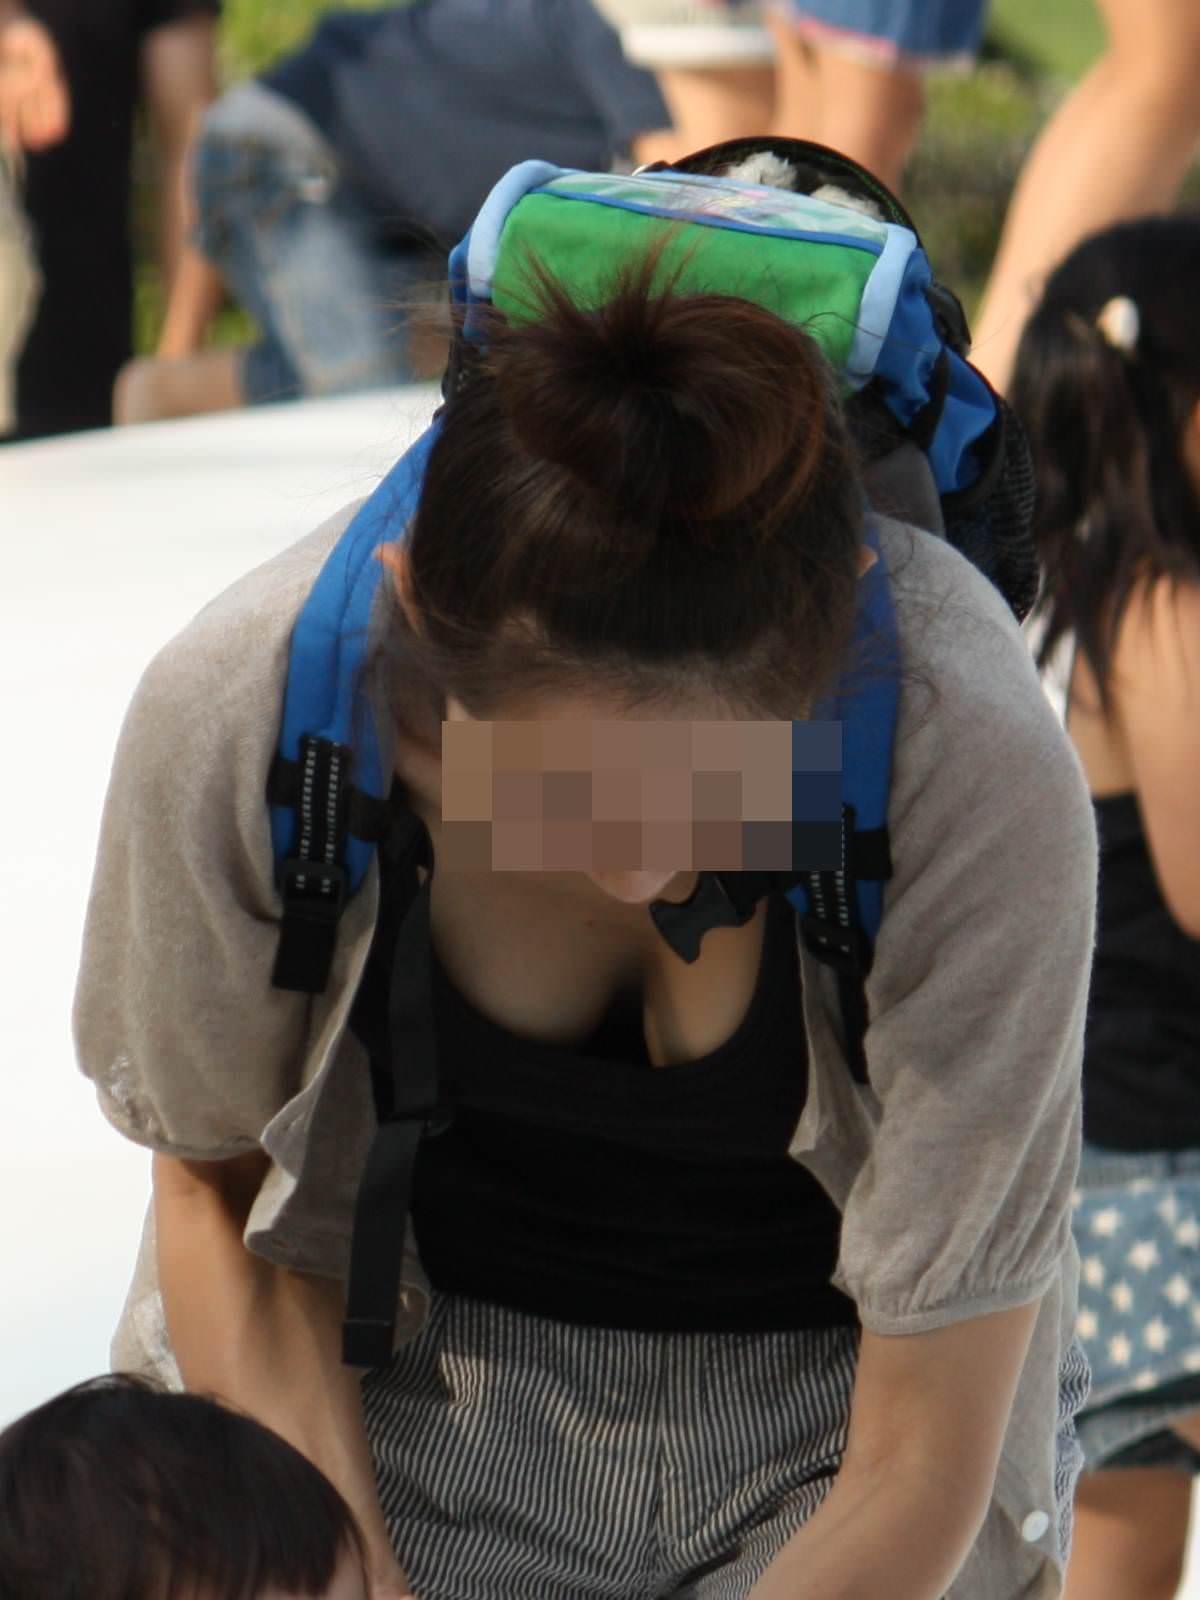 子供産んで巨乳になった素人妻wwwww街撮り胸チラおっぱいいっぱいエロ画像 2213